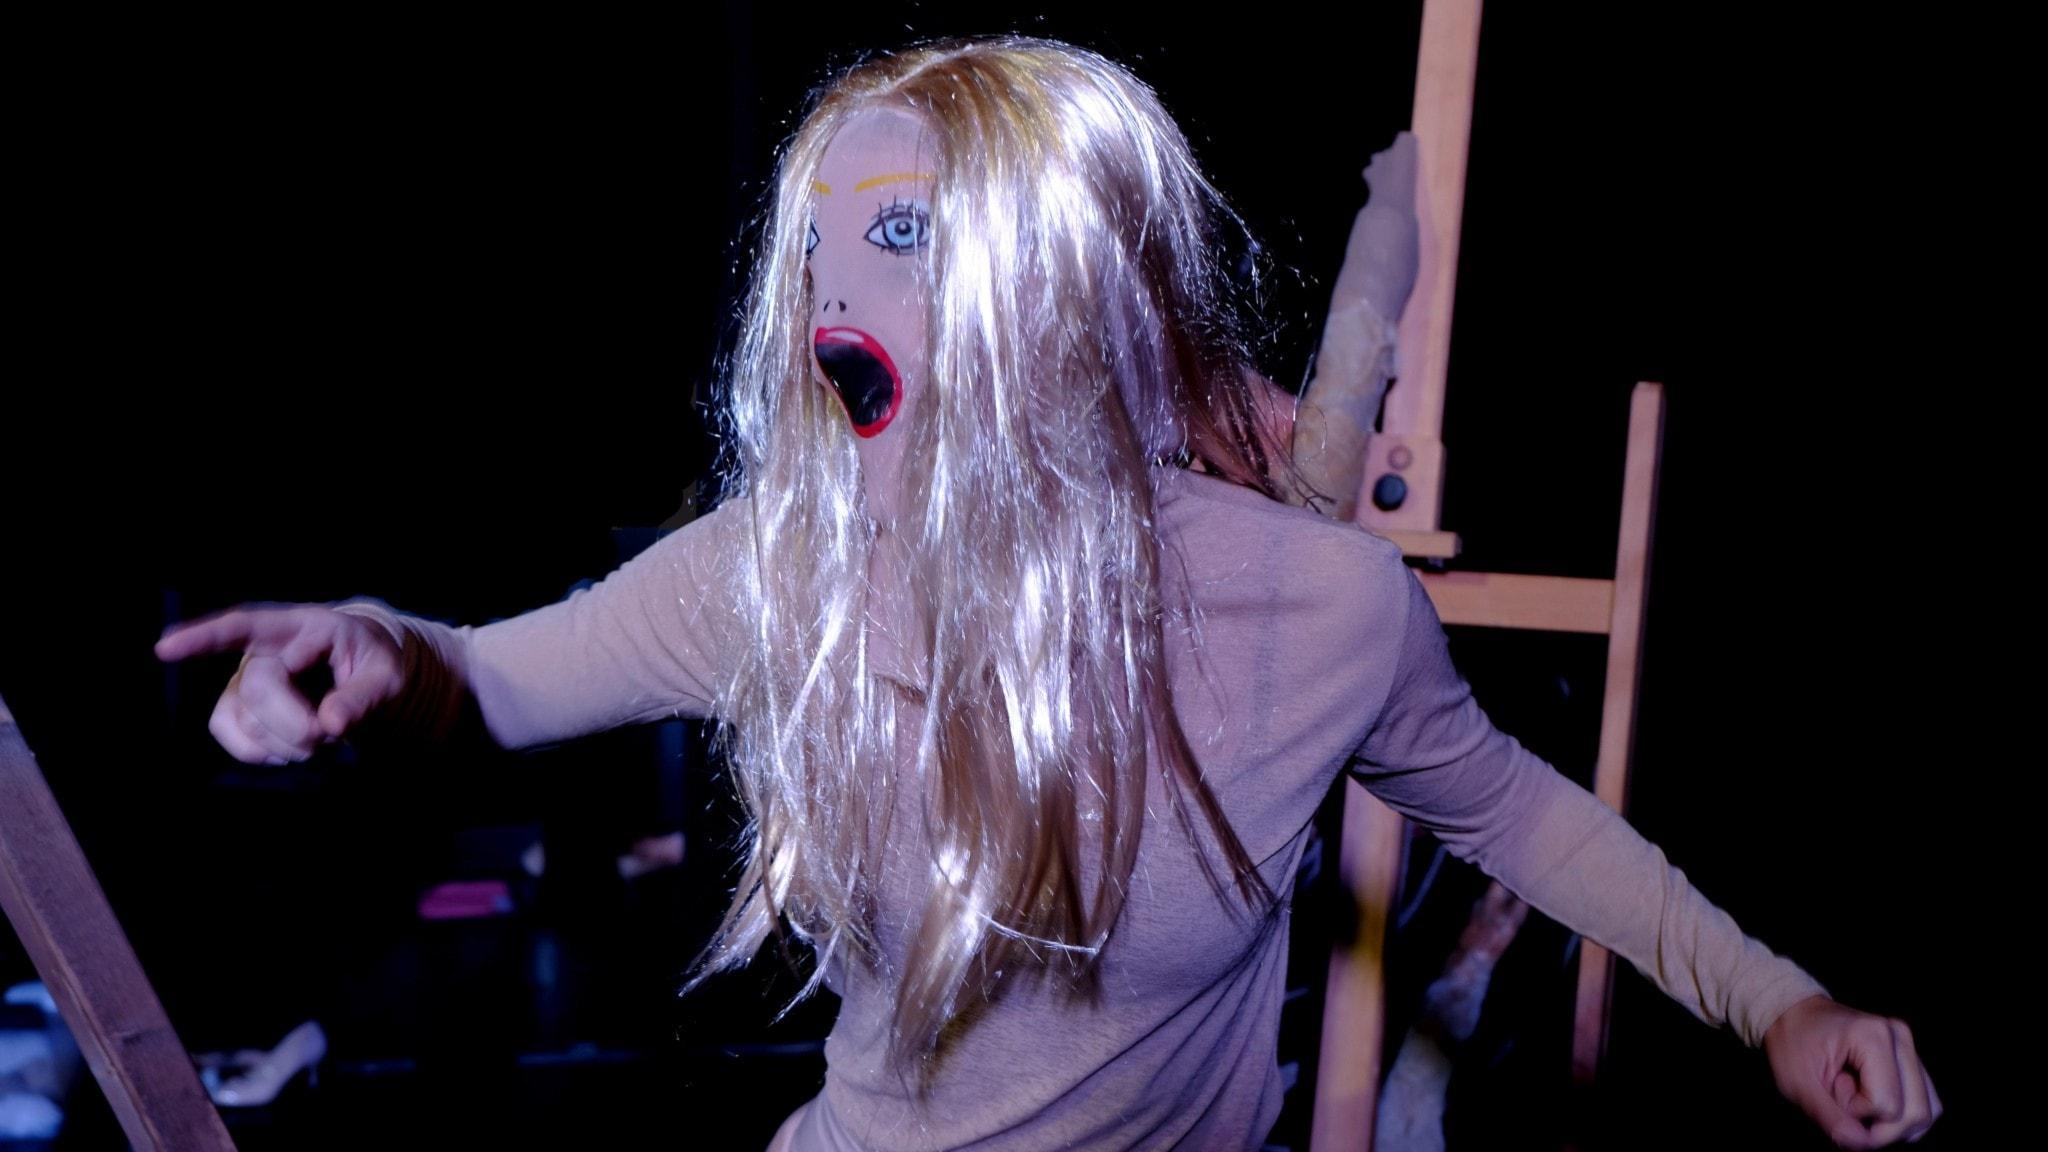 Pjäsen Antiporr har premiär 27 augusti på Inkonst.